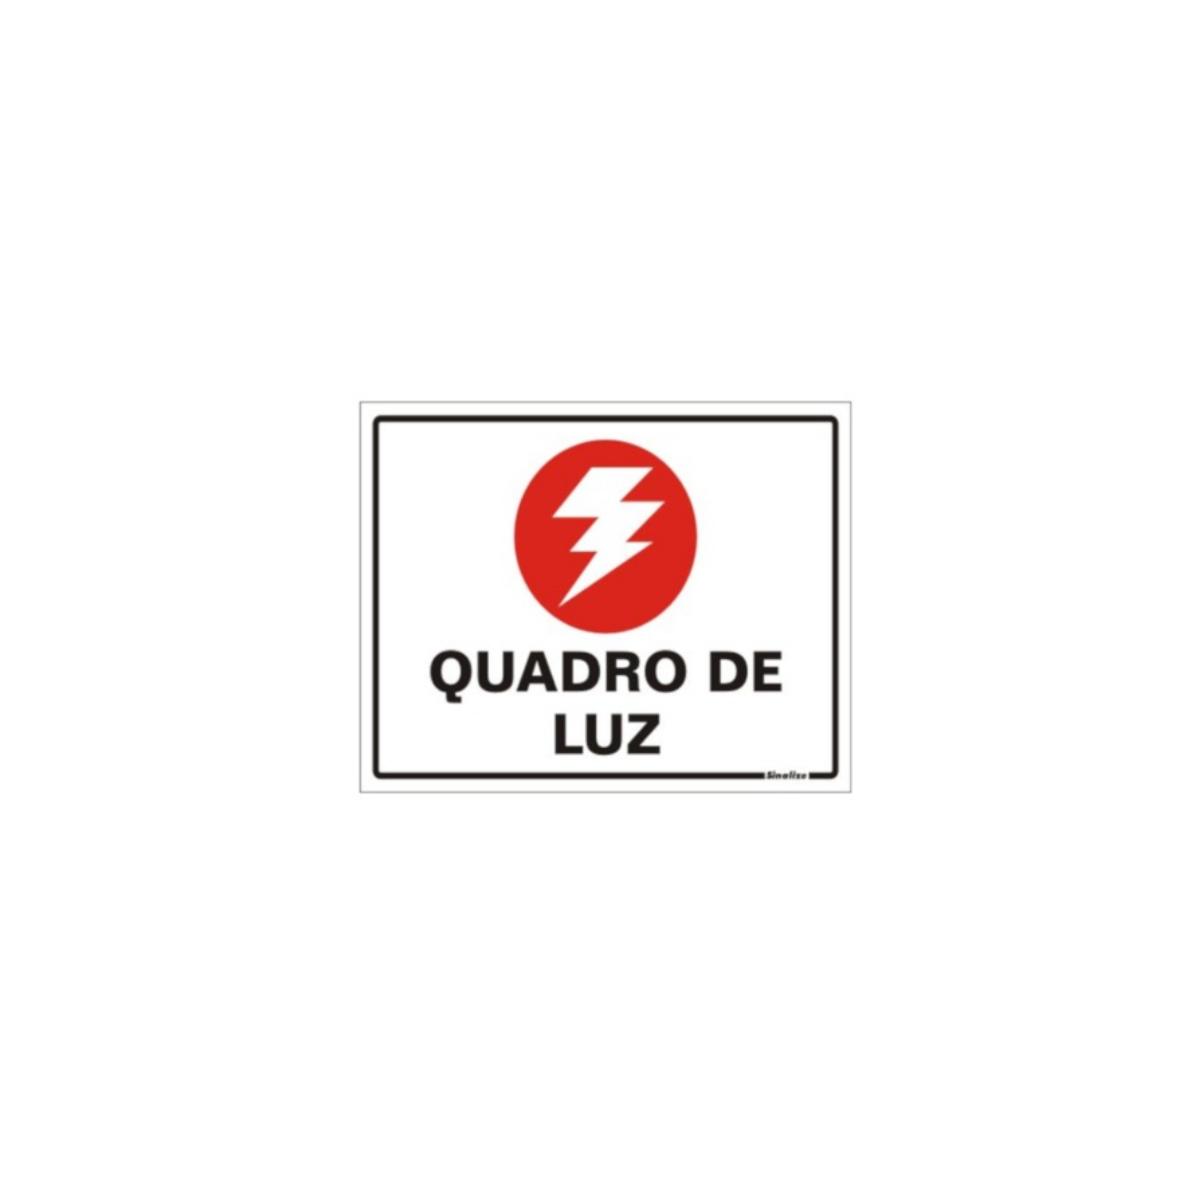 Placa de Sinalização Quadro de Luz 15x20cm Sinalize